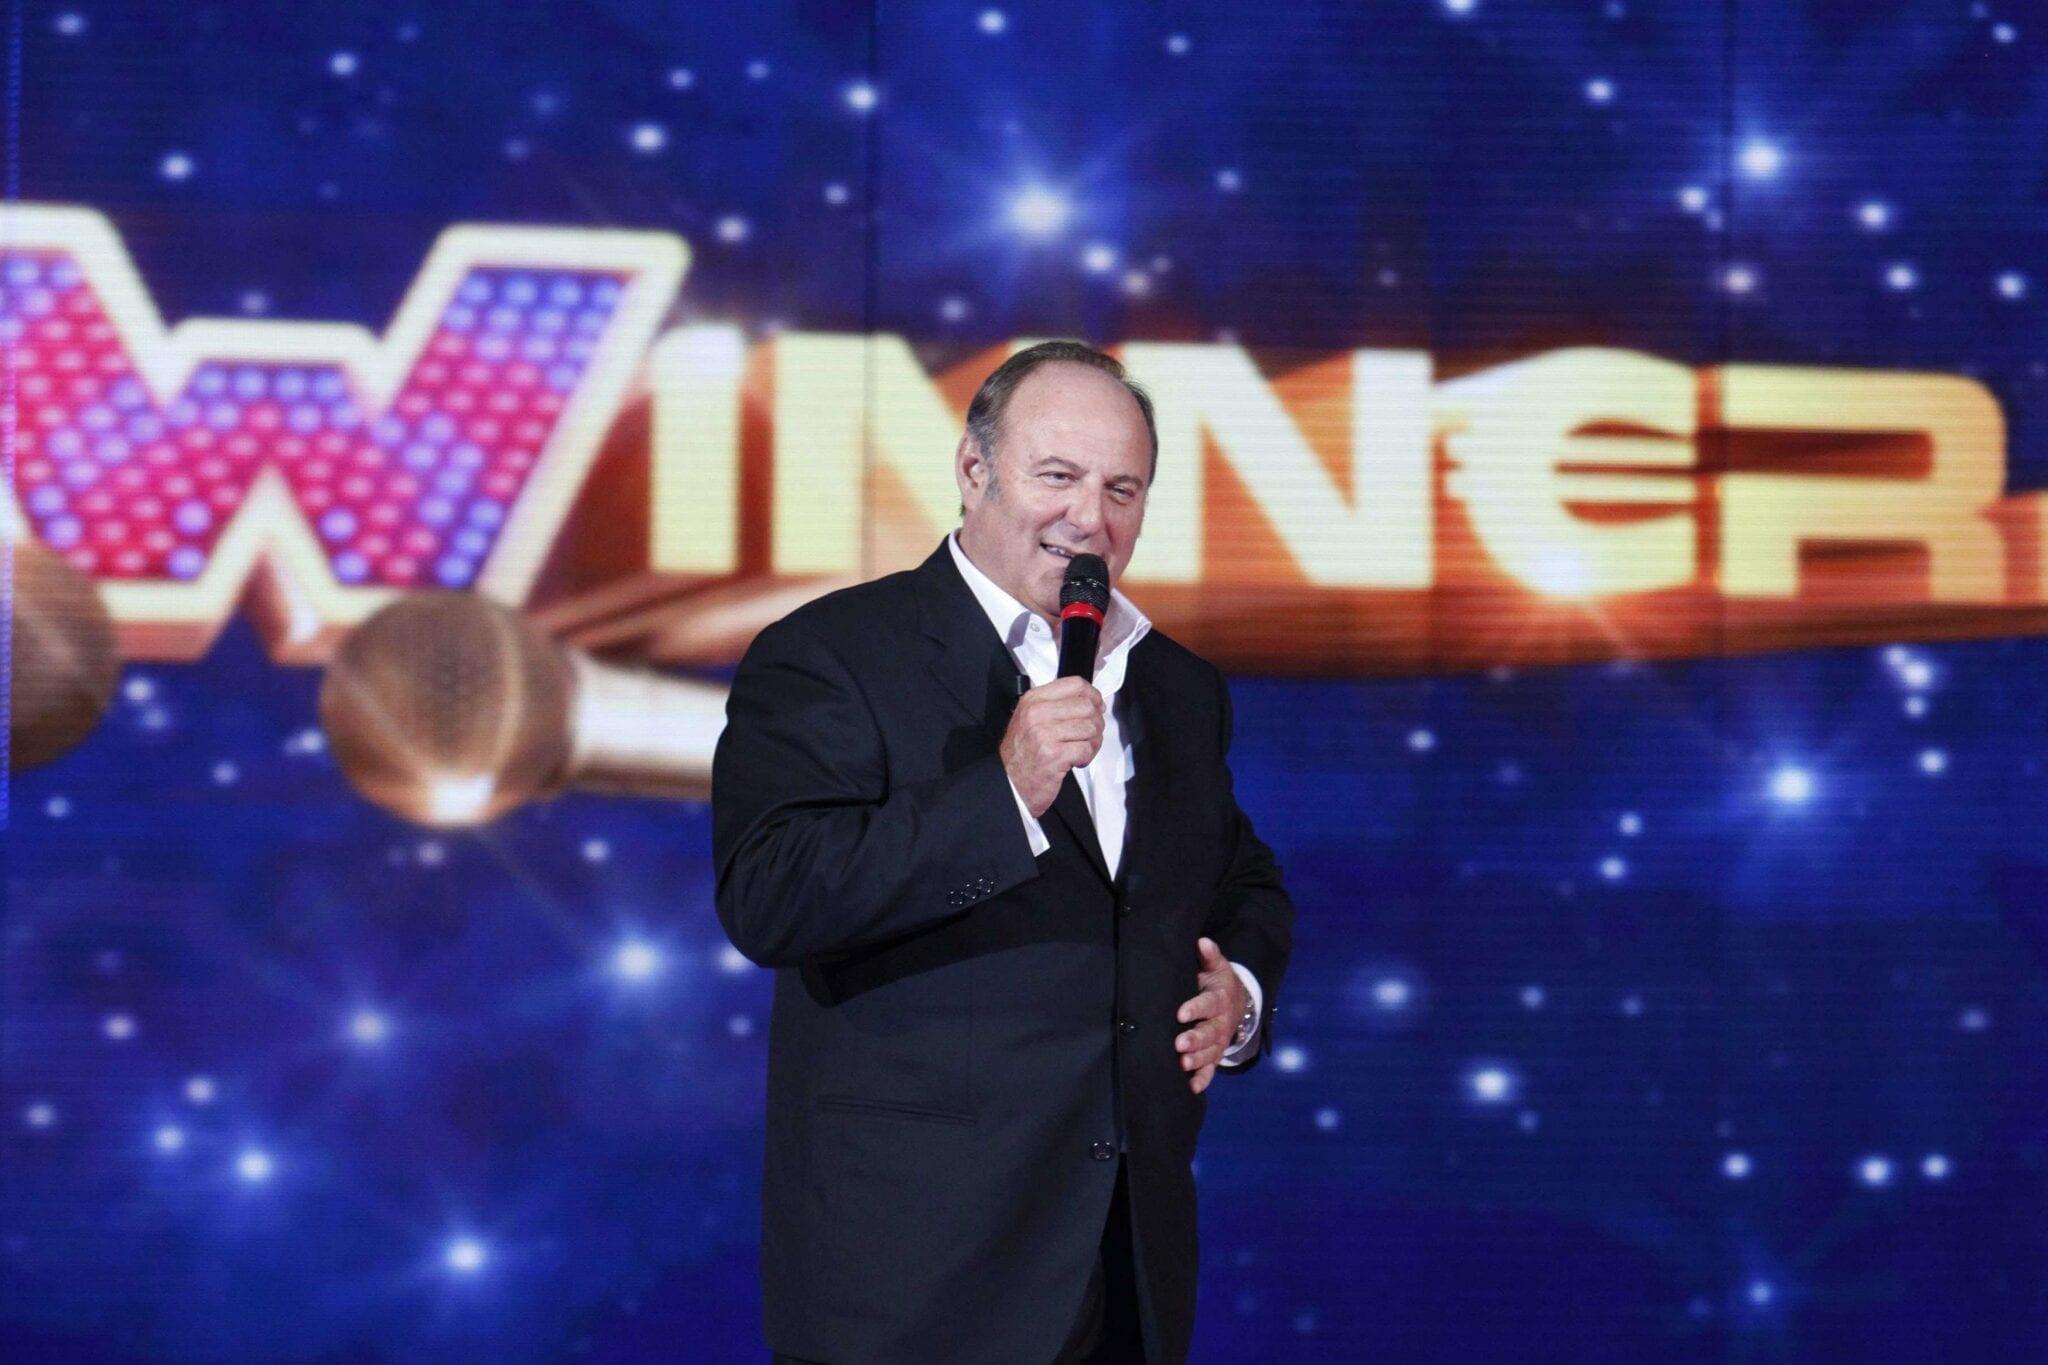 Live 5 giugno 2021 · The Winner Is primo appuntamento in replica. Condotto da Gerry Scotti, in onda in prima serata su Canale5